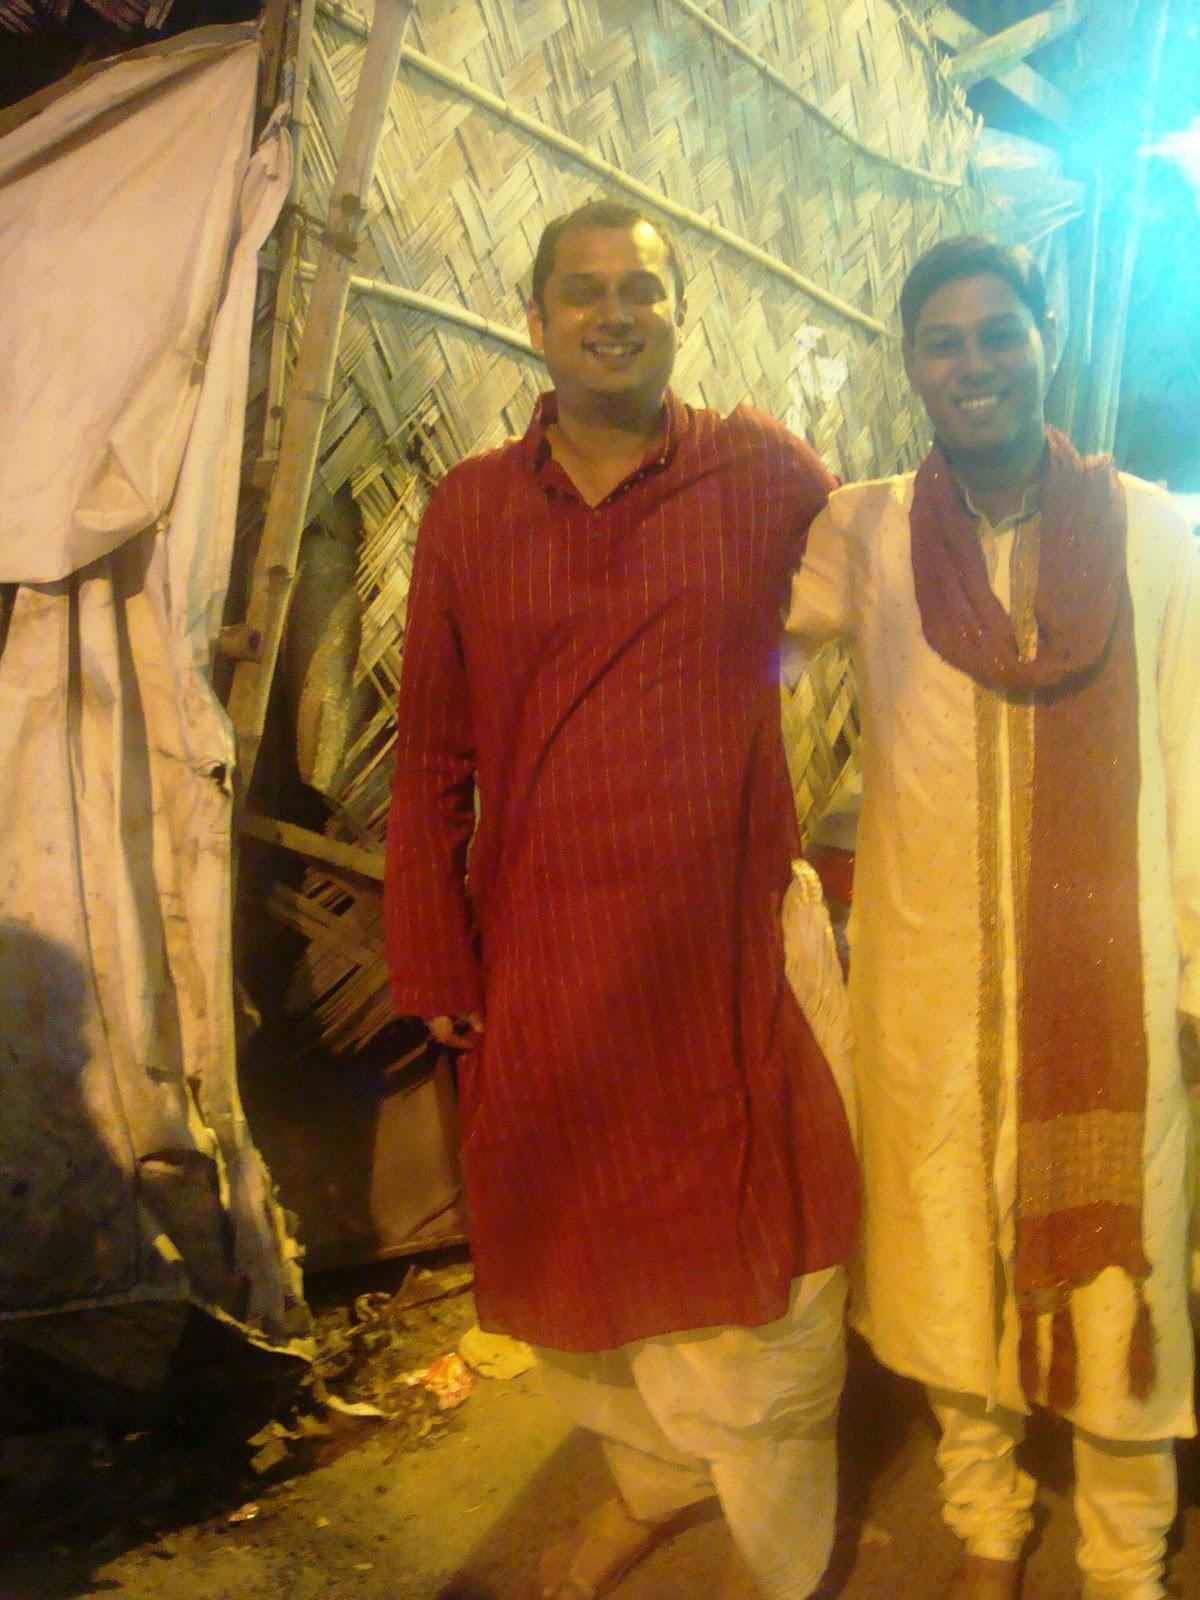 of a Bengali Hindu wedding